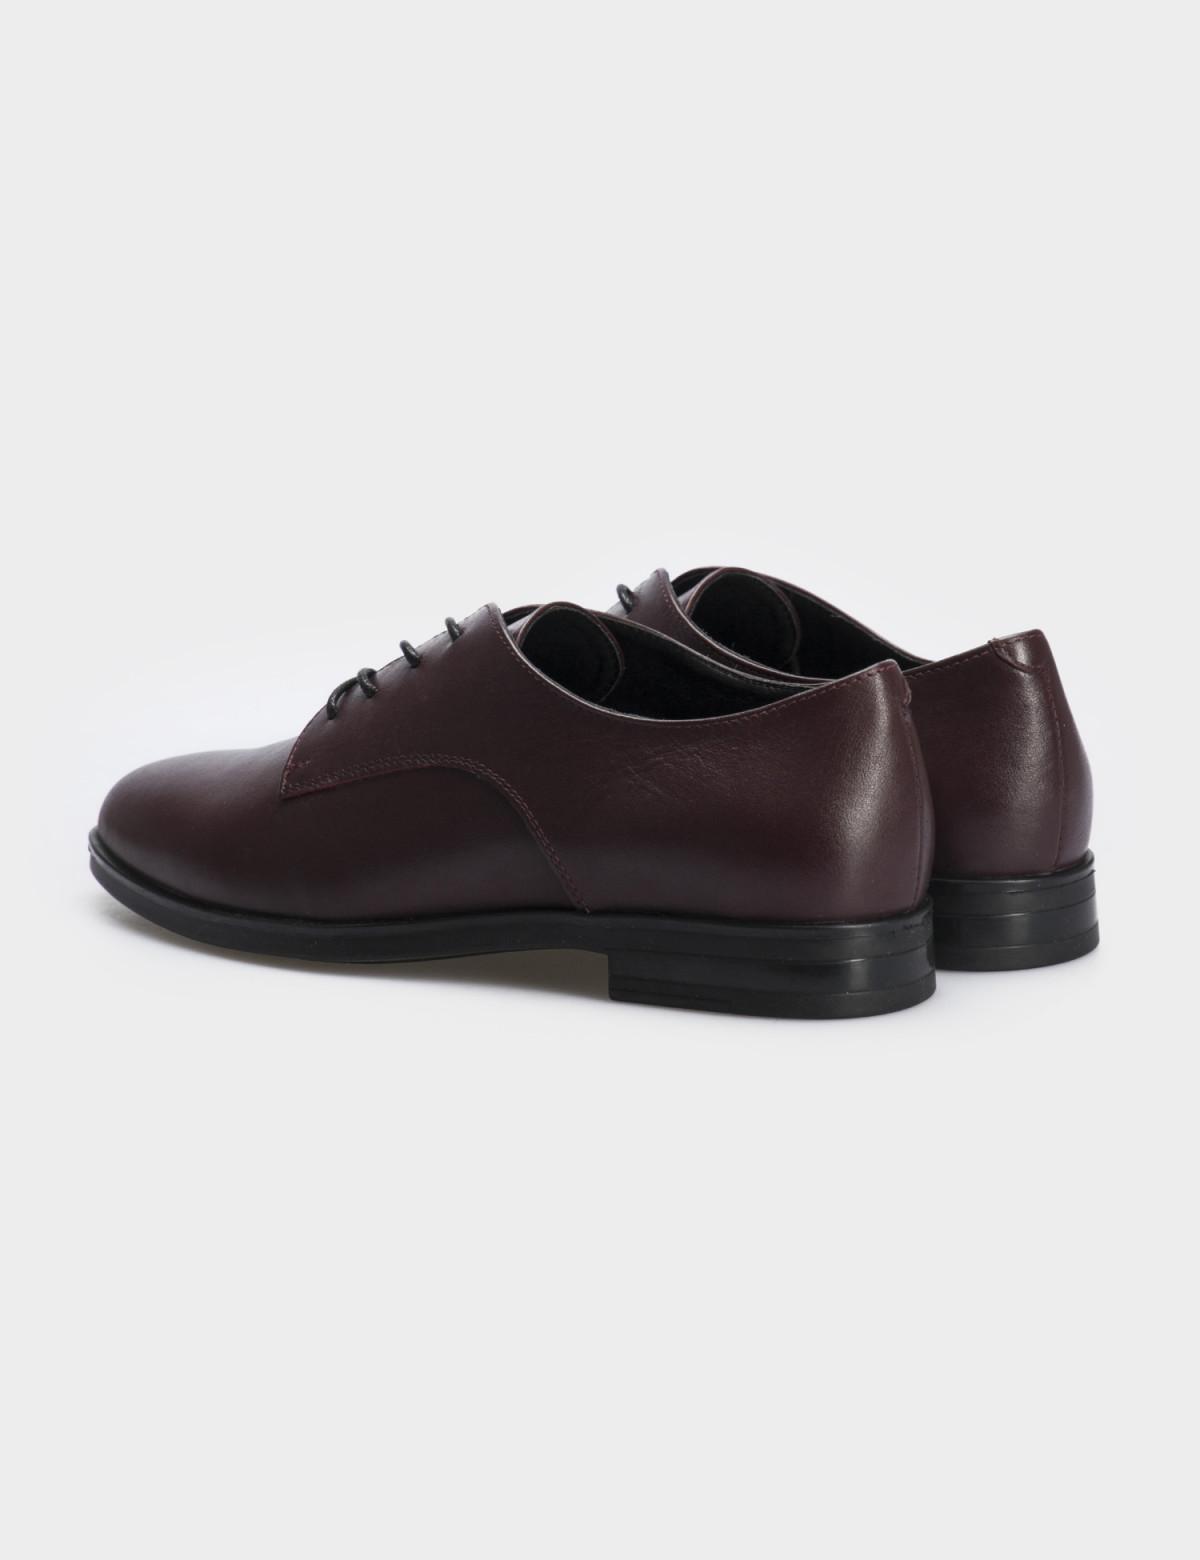 Туфлі бордові, натуральна шкіра 2